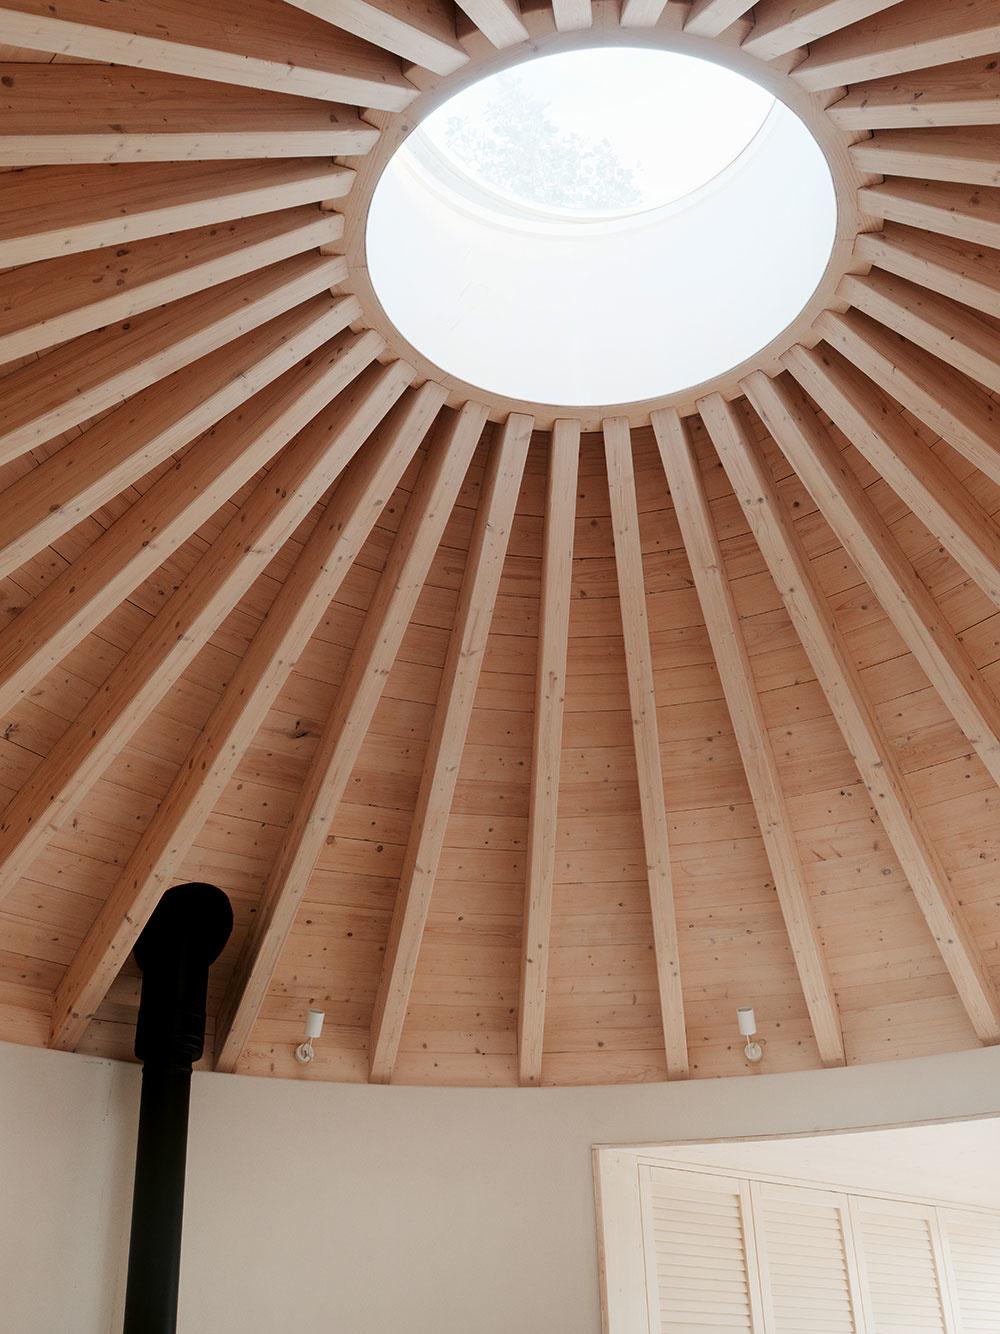 Premyslená drevená konštrukcia ukončená kupolovým svetlíkom z polykarbonátu je v centrálnom priestore zároveň efektnou súčasťou interiéru.